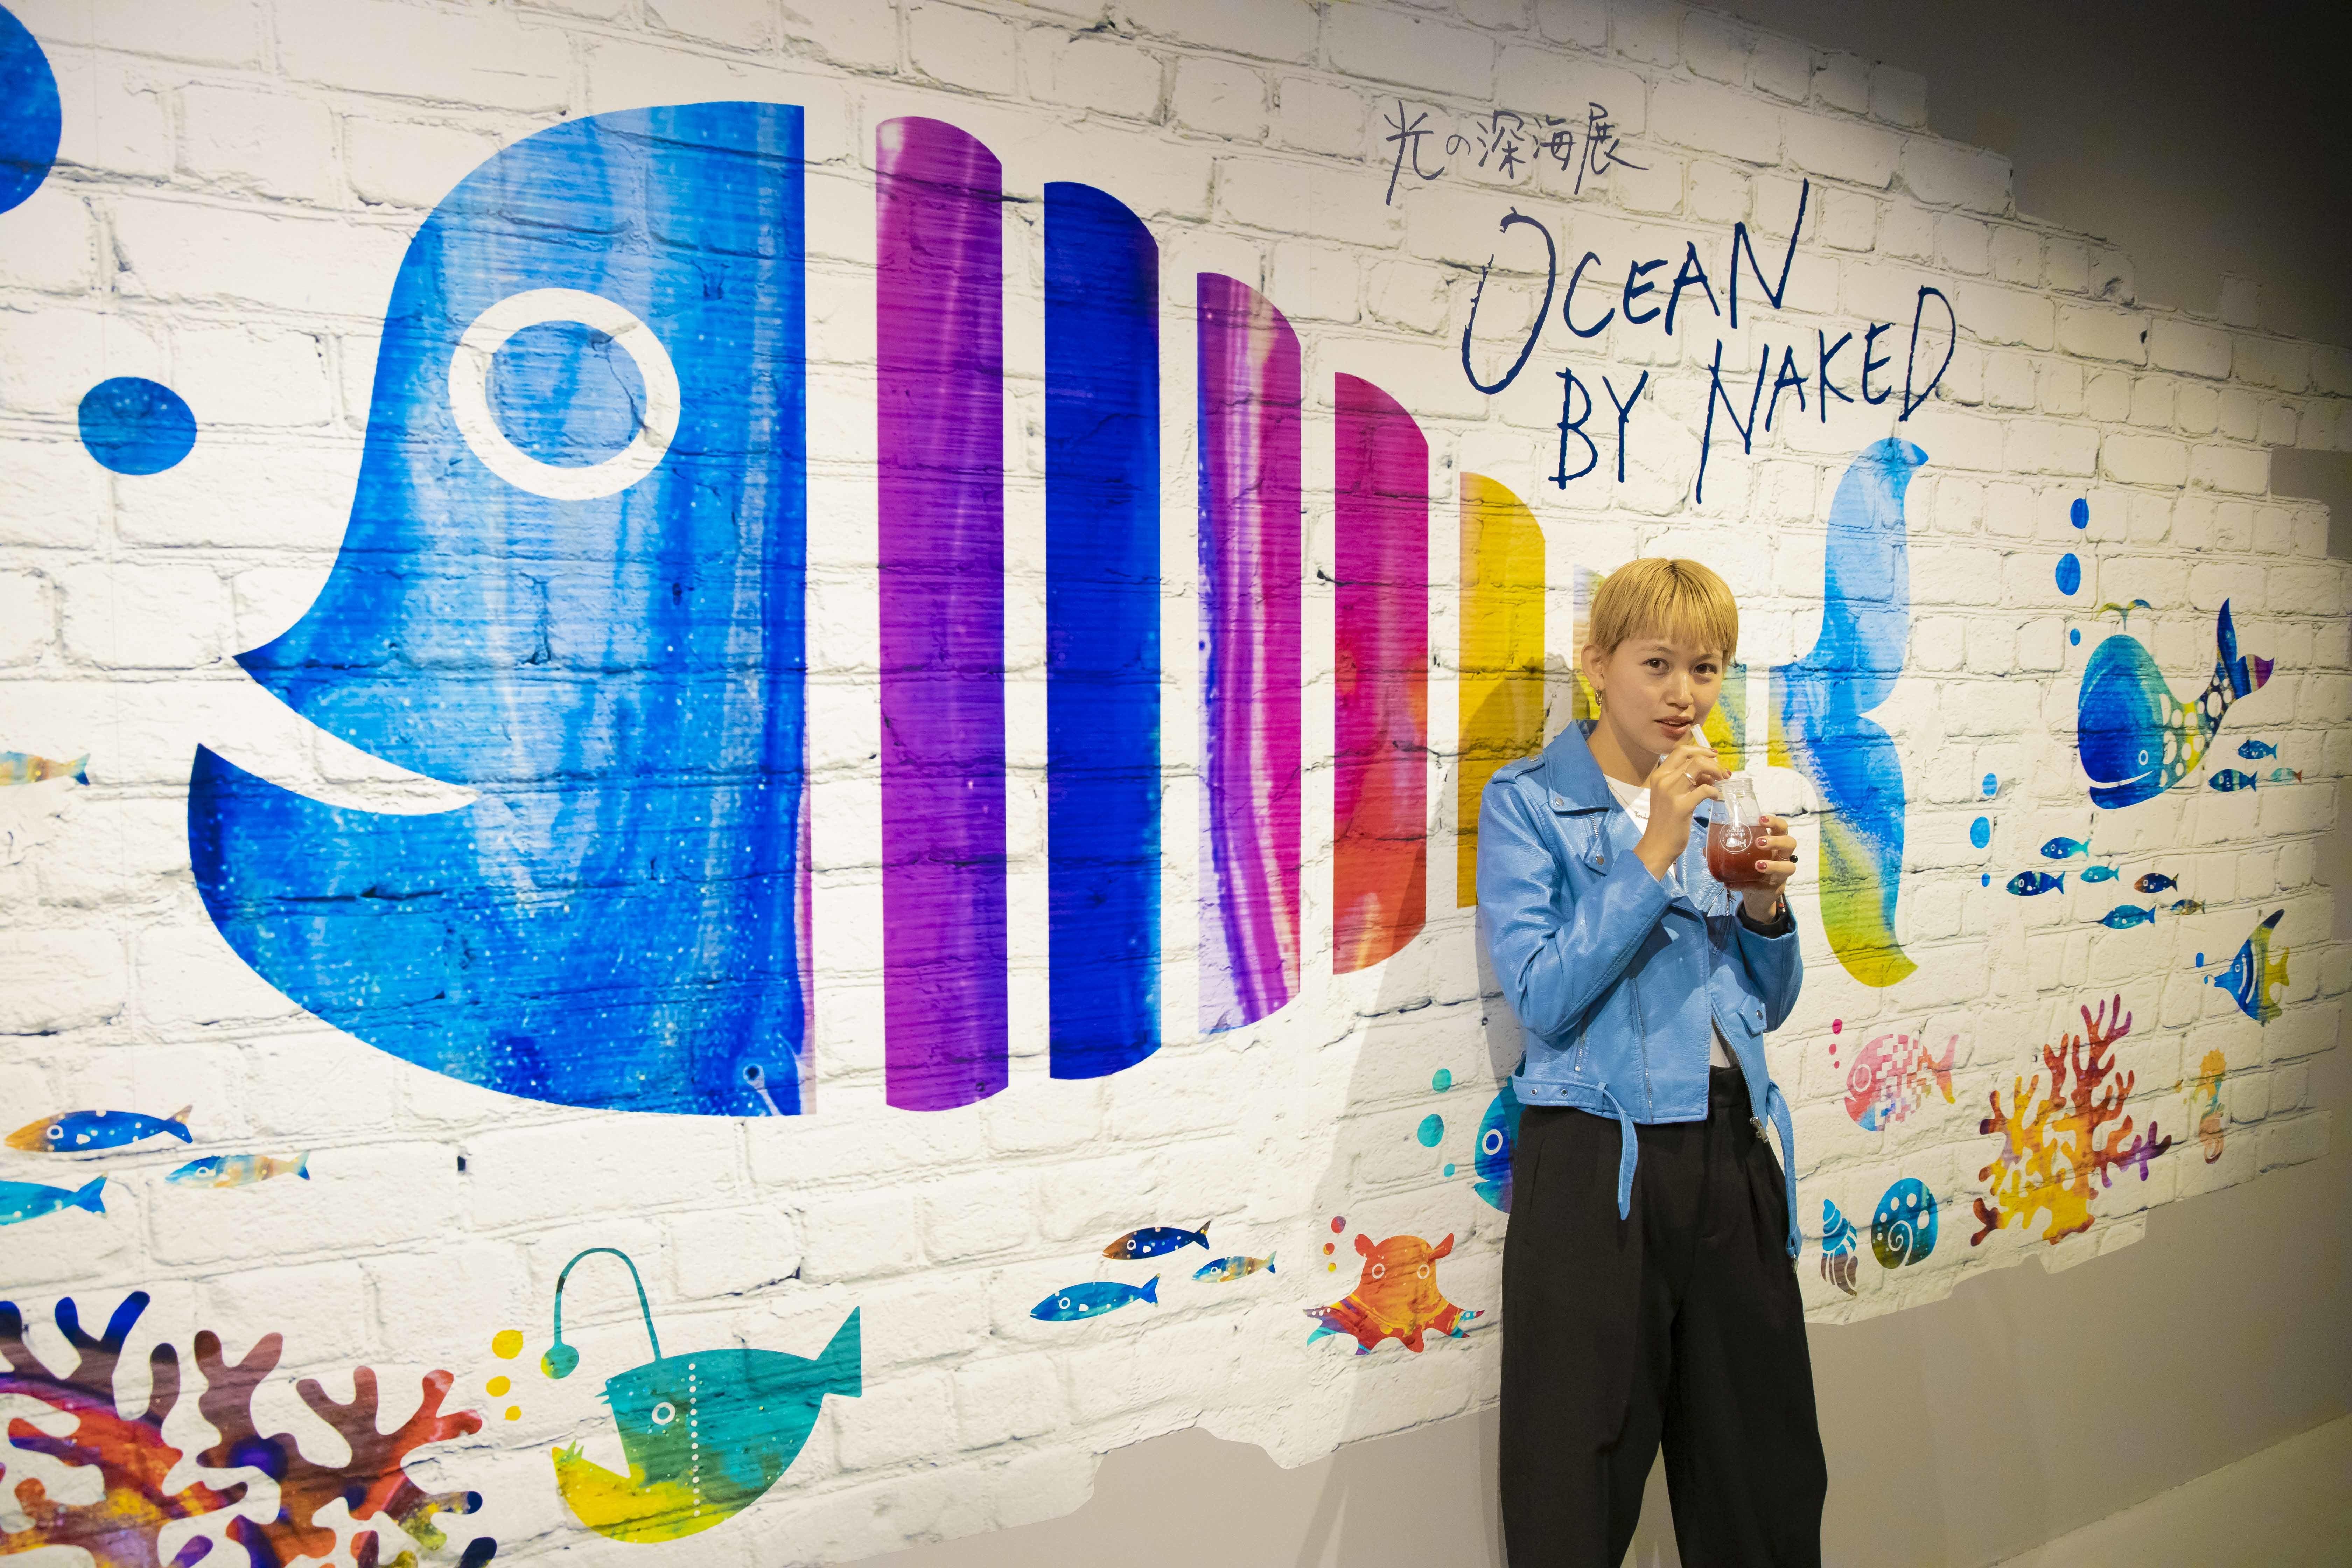 千裕さんが飲んでいるのは、OCEAN BY NAKEDオリジナル フルイドタピオカボトル700円(税込)